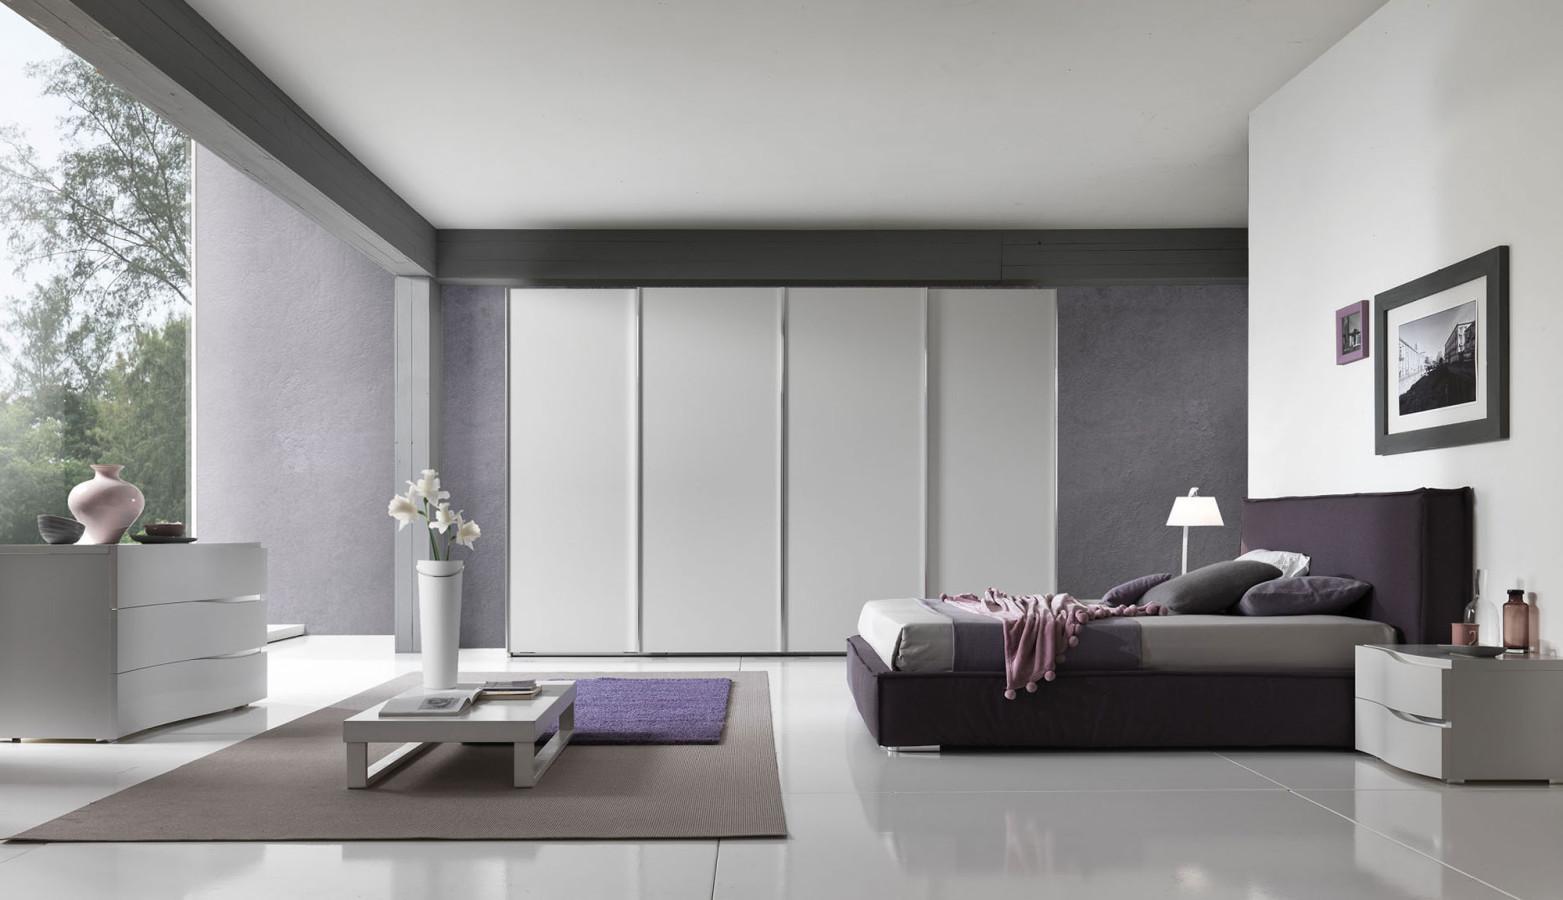 Outlet mobili da ufficio roma ~ Mobilia la tua casa